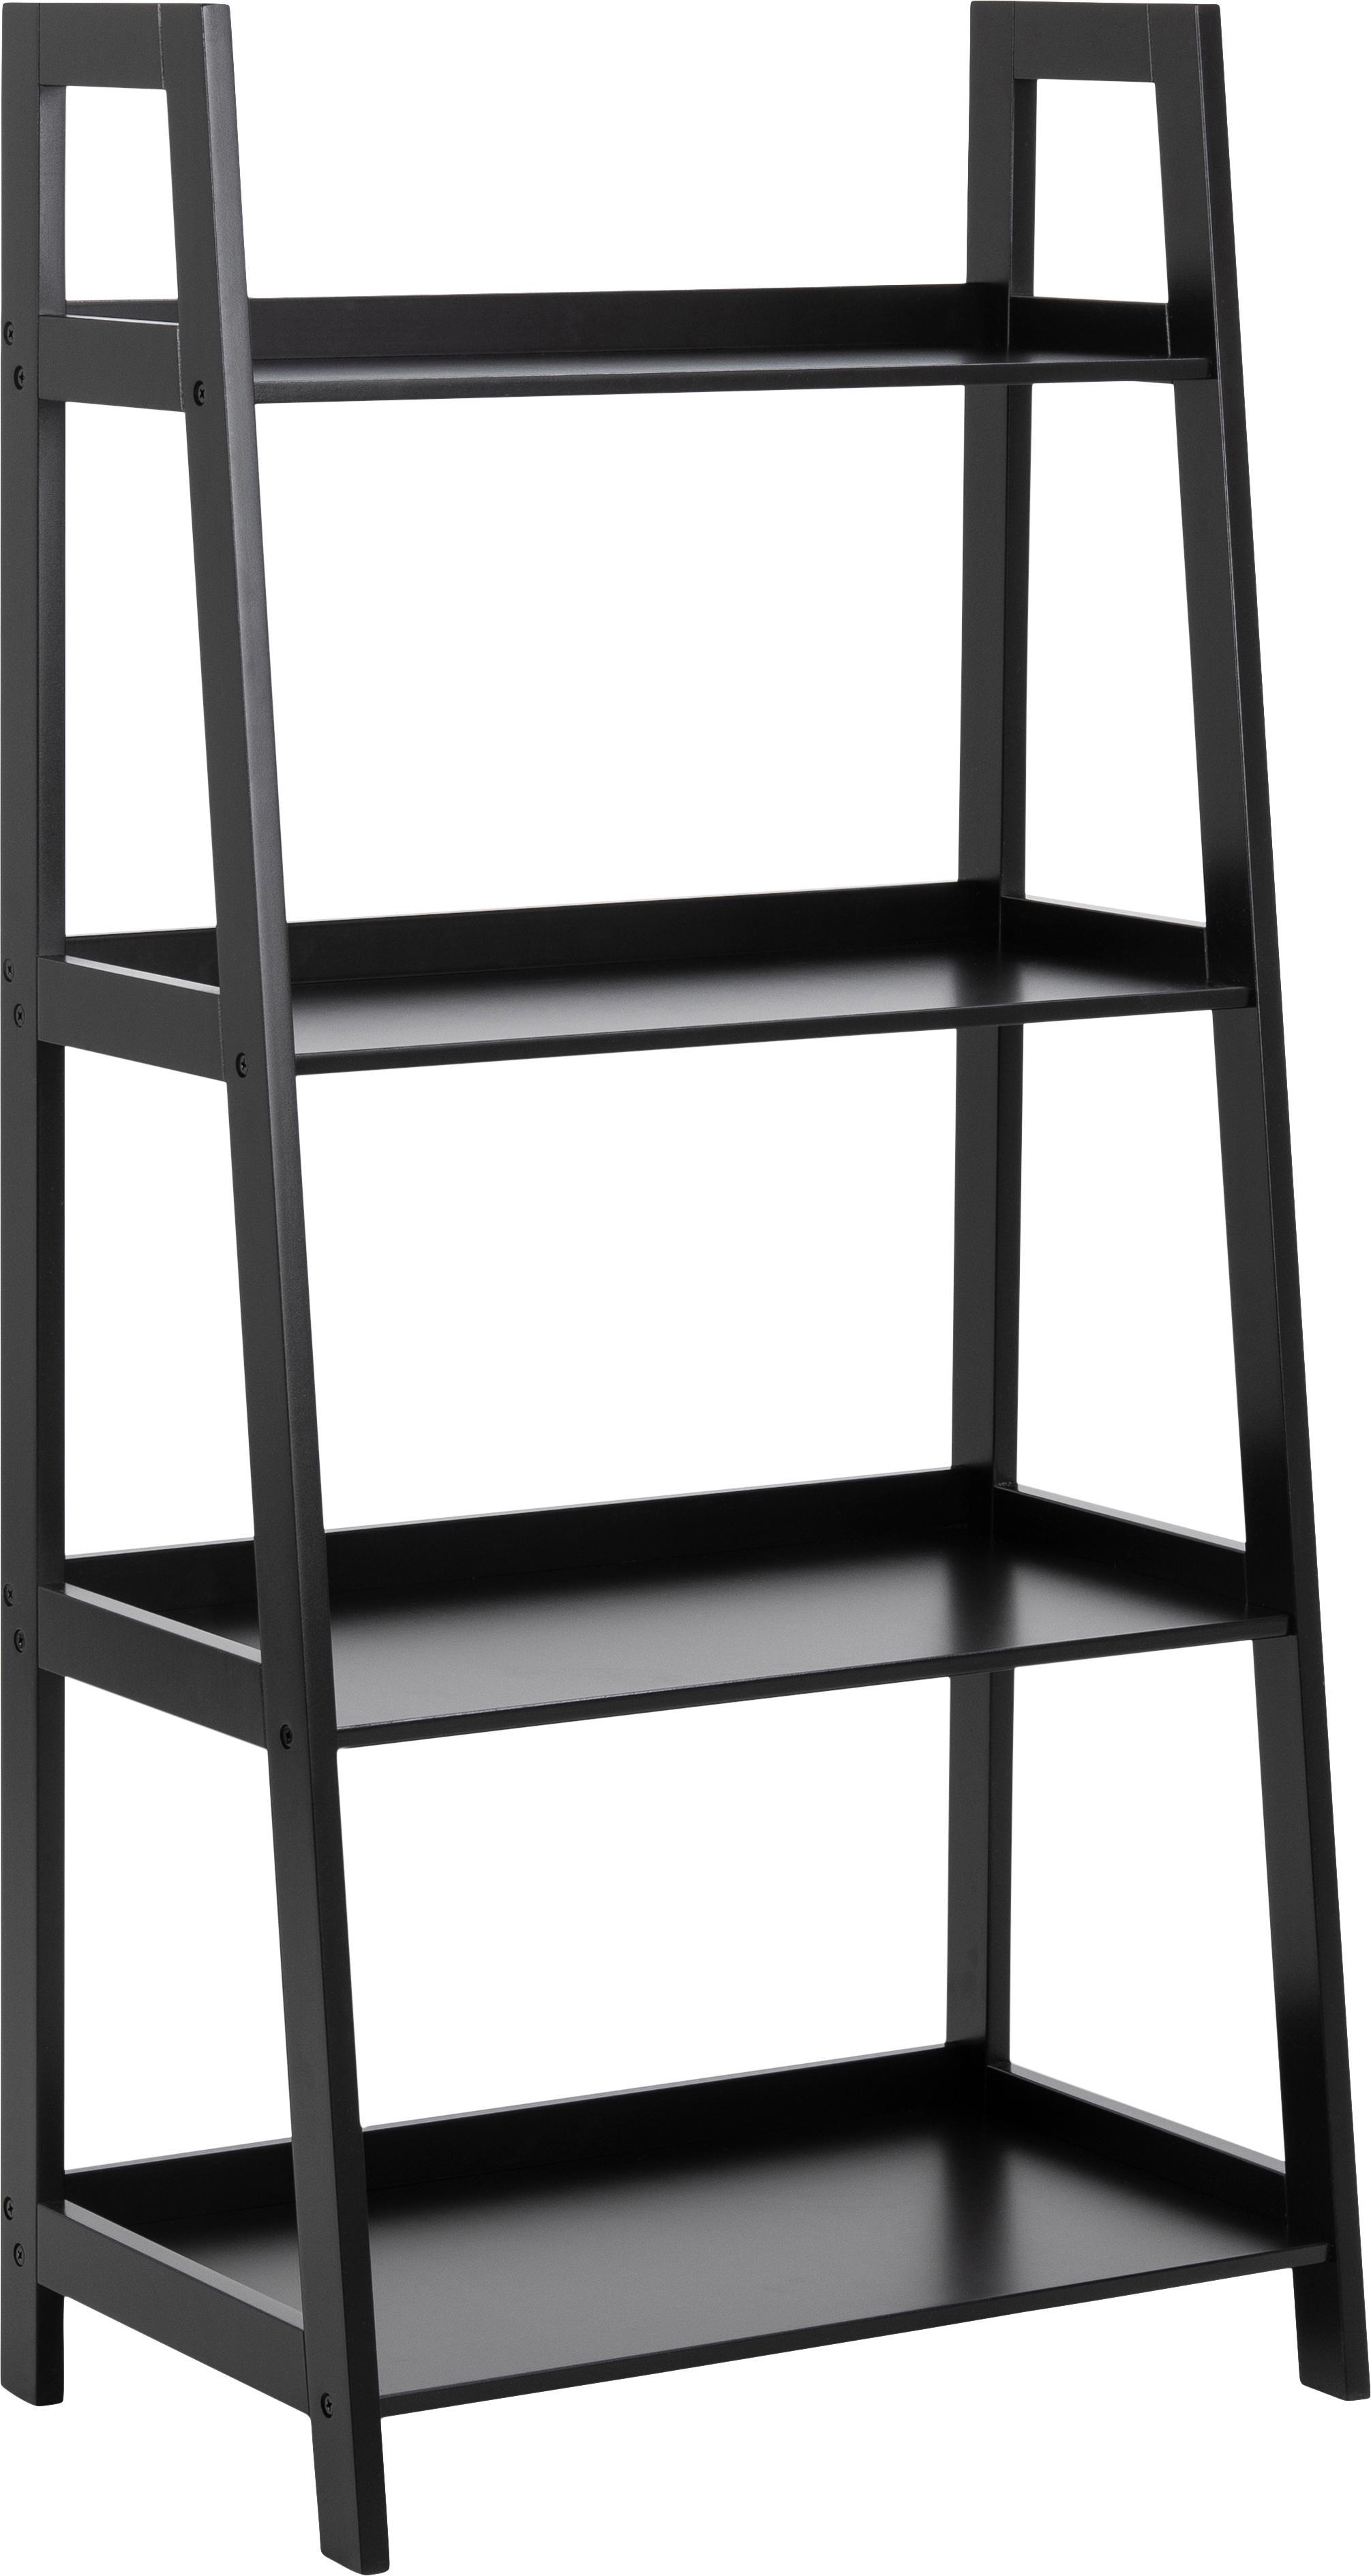 Estantería escalera Wally, Tablero de fibras de densidad media(MDF) pintado, Negro, An 63 x Al 130 cm